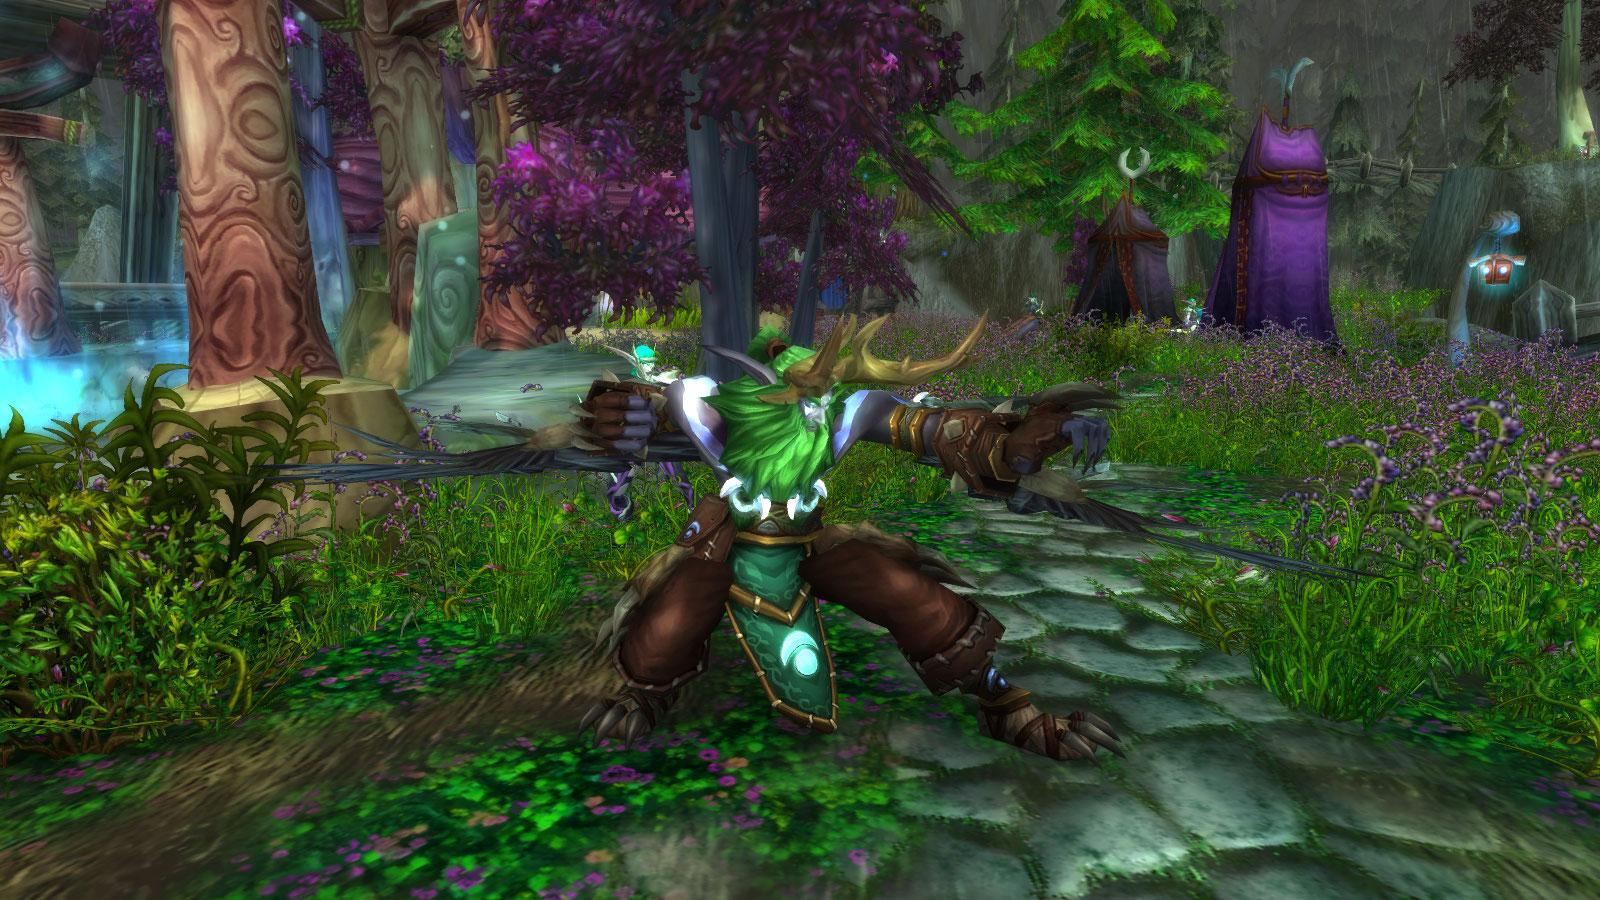 Malfurion rejoint Lor'danel afin d'affronter les troupes de la Horde